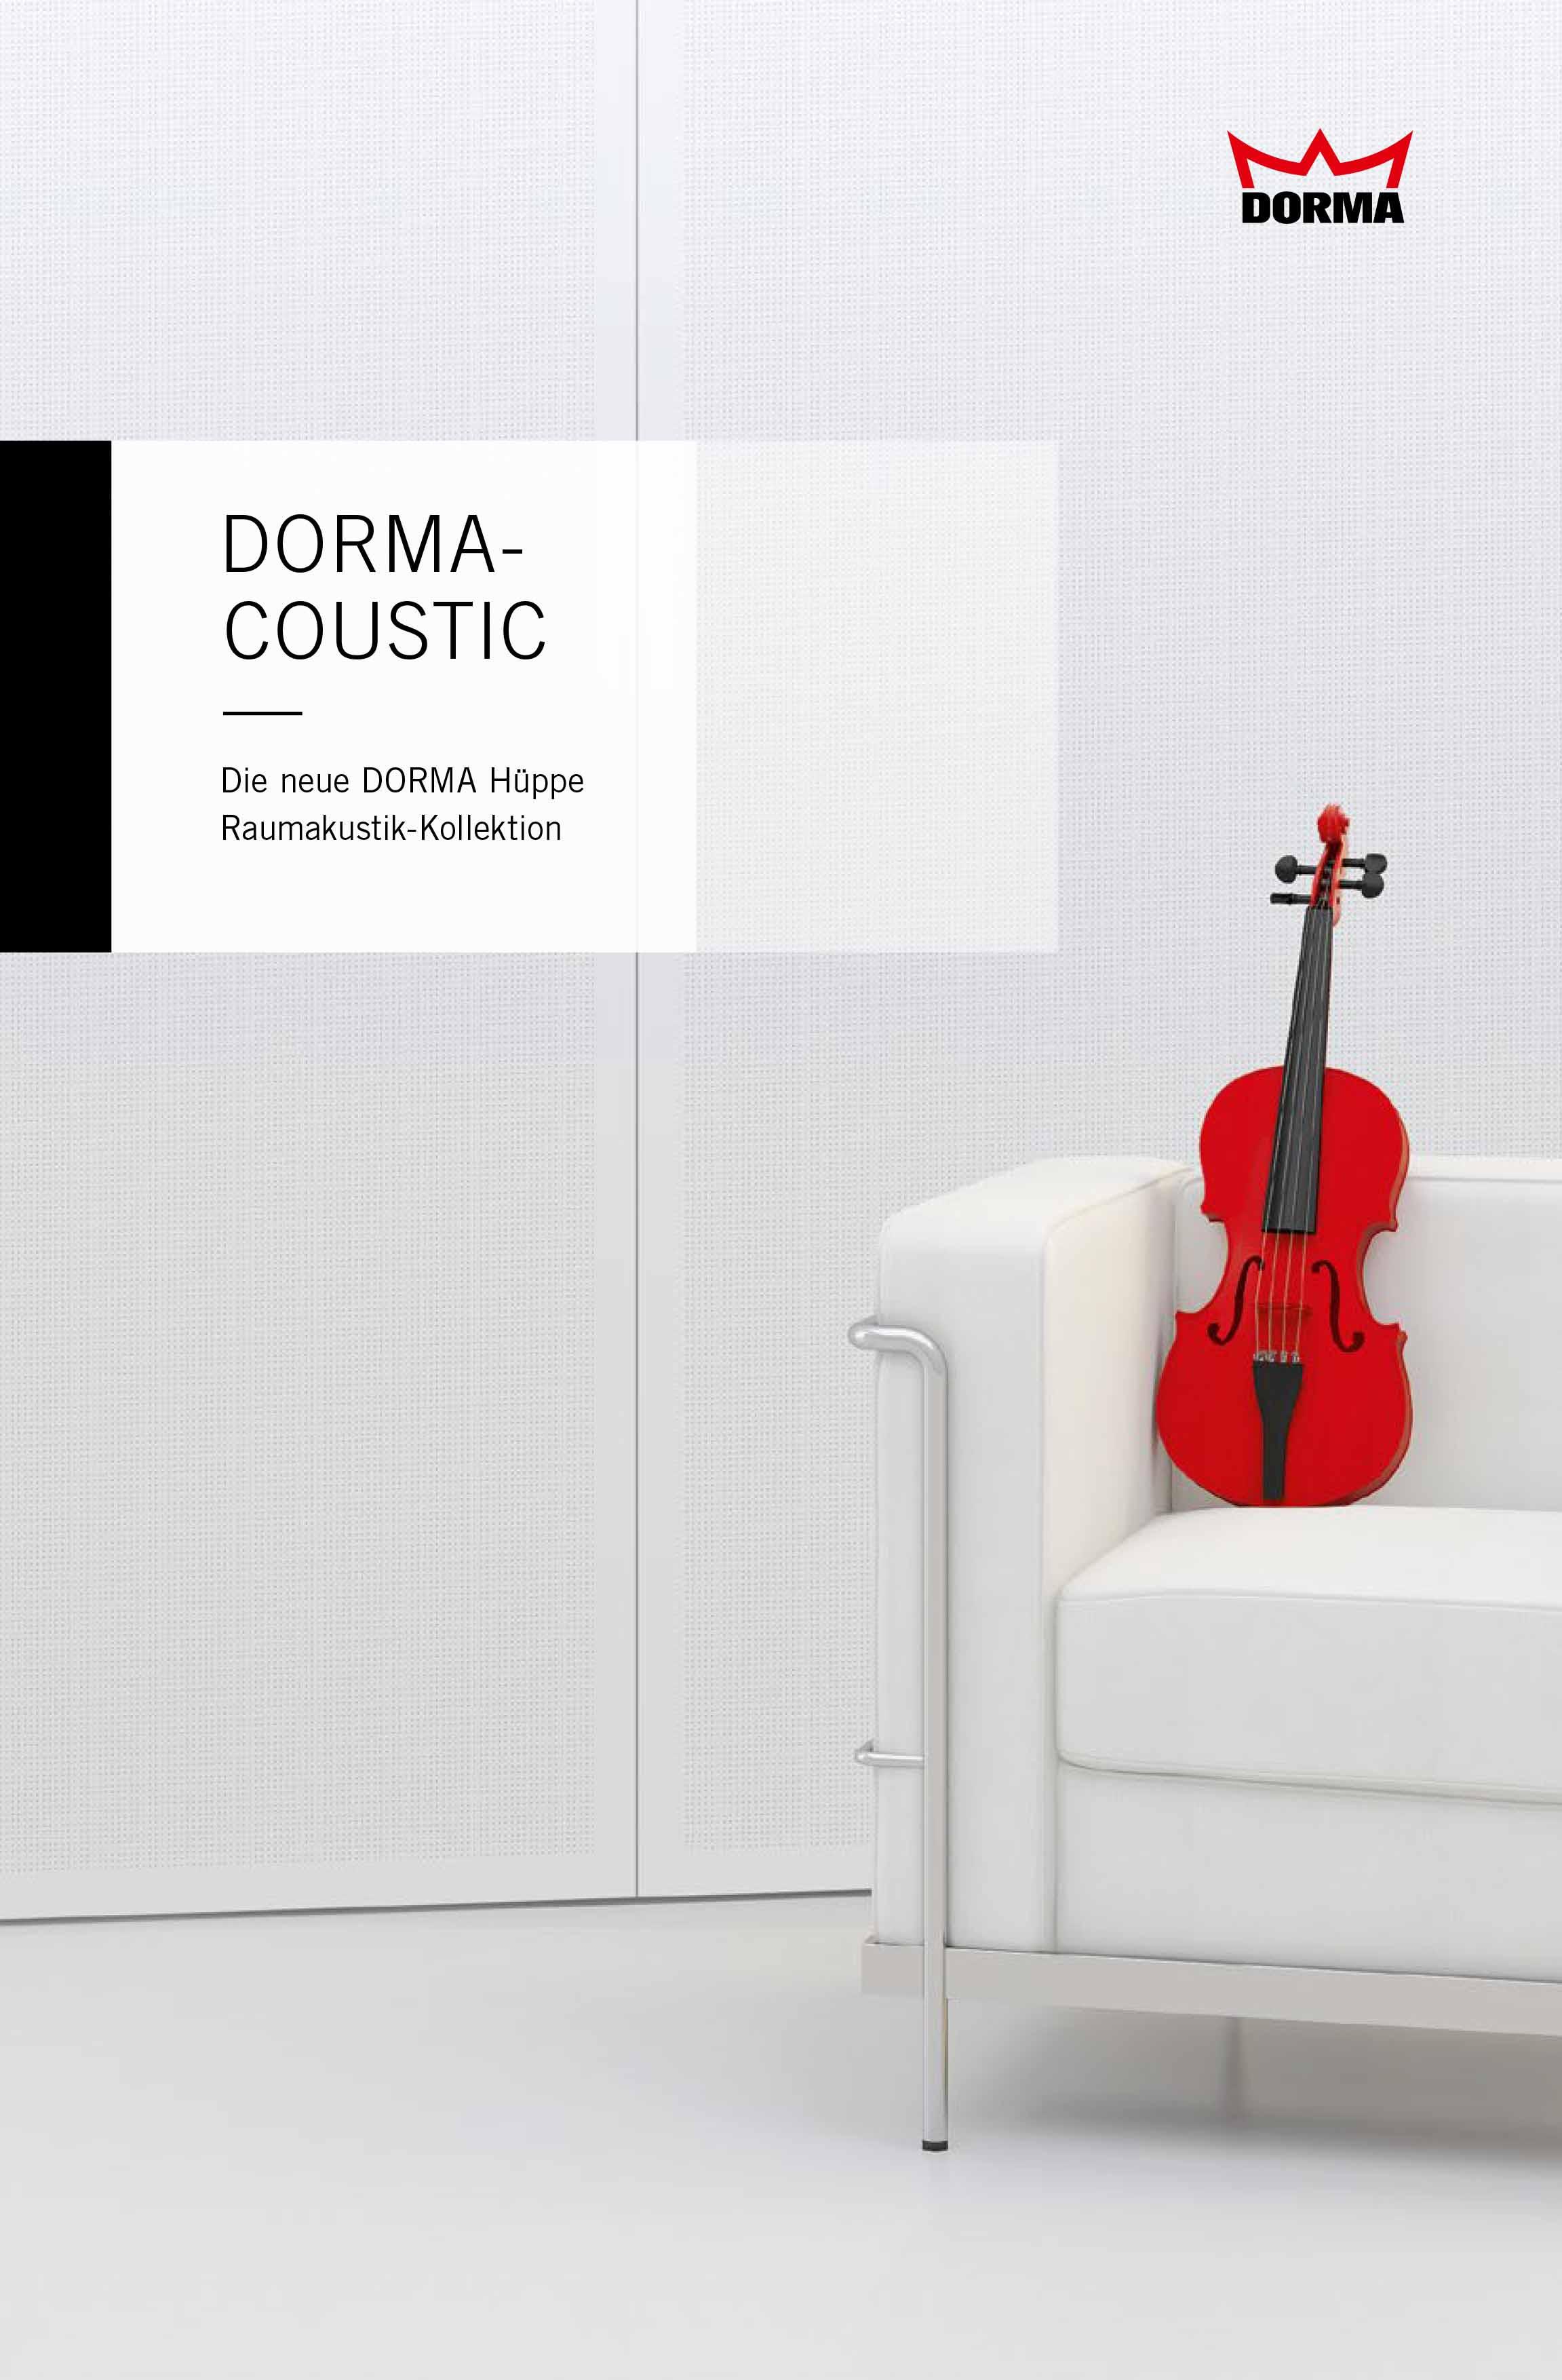 zum wohlf hlen im raum geh rt die richtige akustik. Black Bedroom Furniture Sets. Home Design Ideas